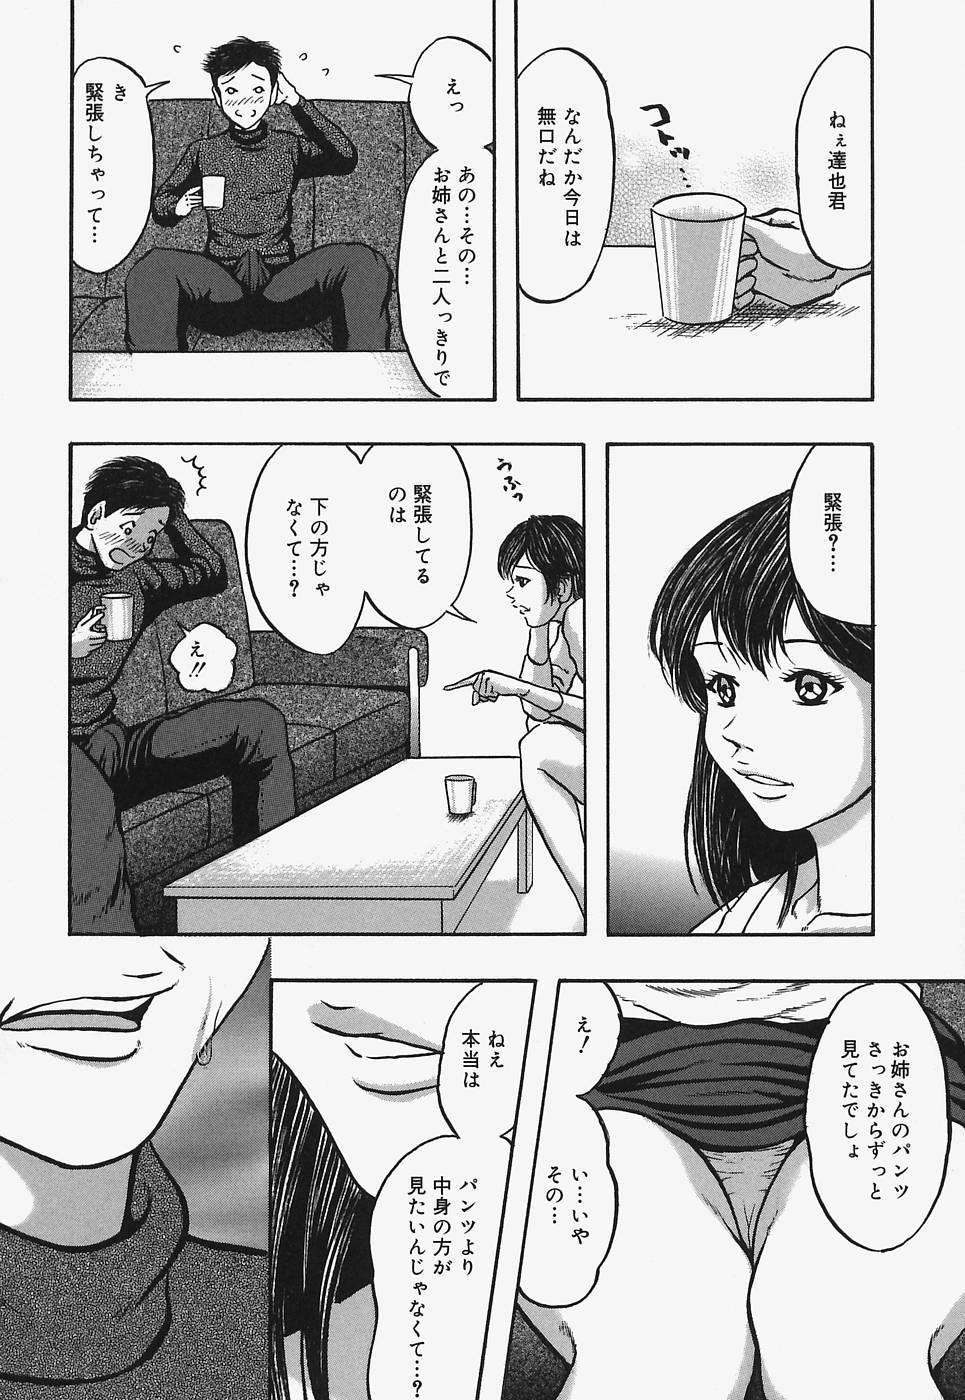 Nurunuru Syoujyo Jiru 15